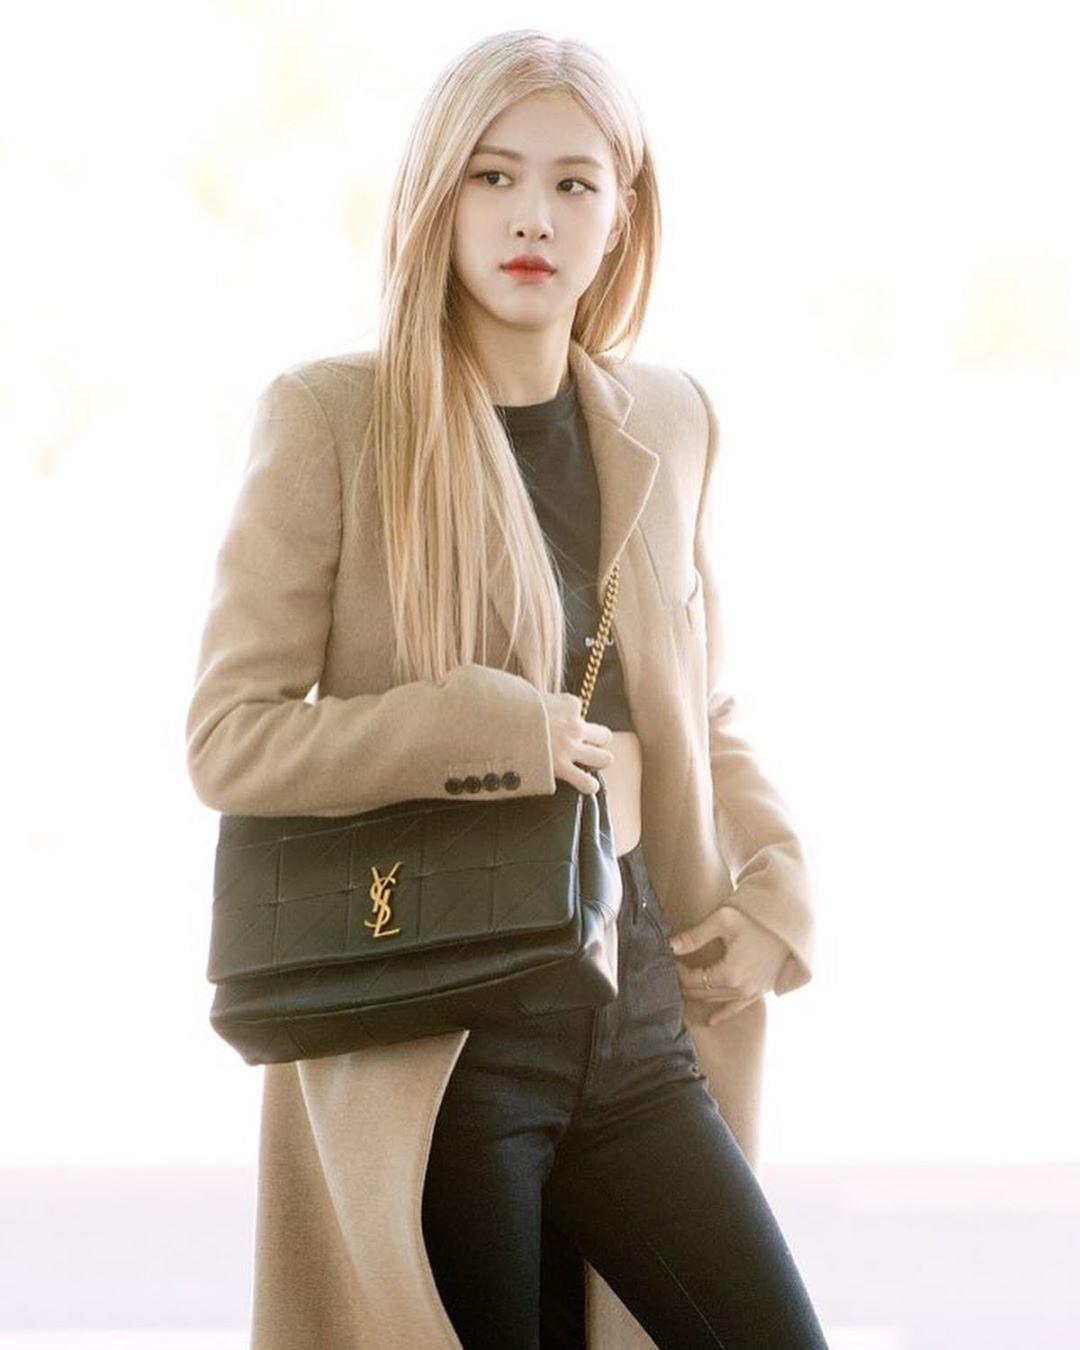 Rosé tóc vàng mặc áo khoác be áo đen quần đeo túi YSL